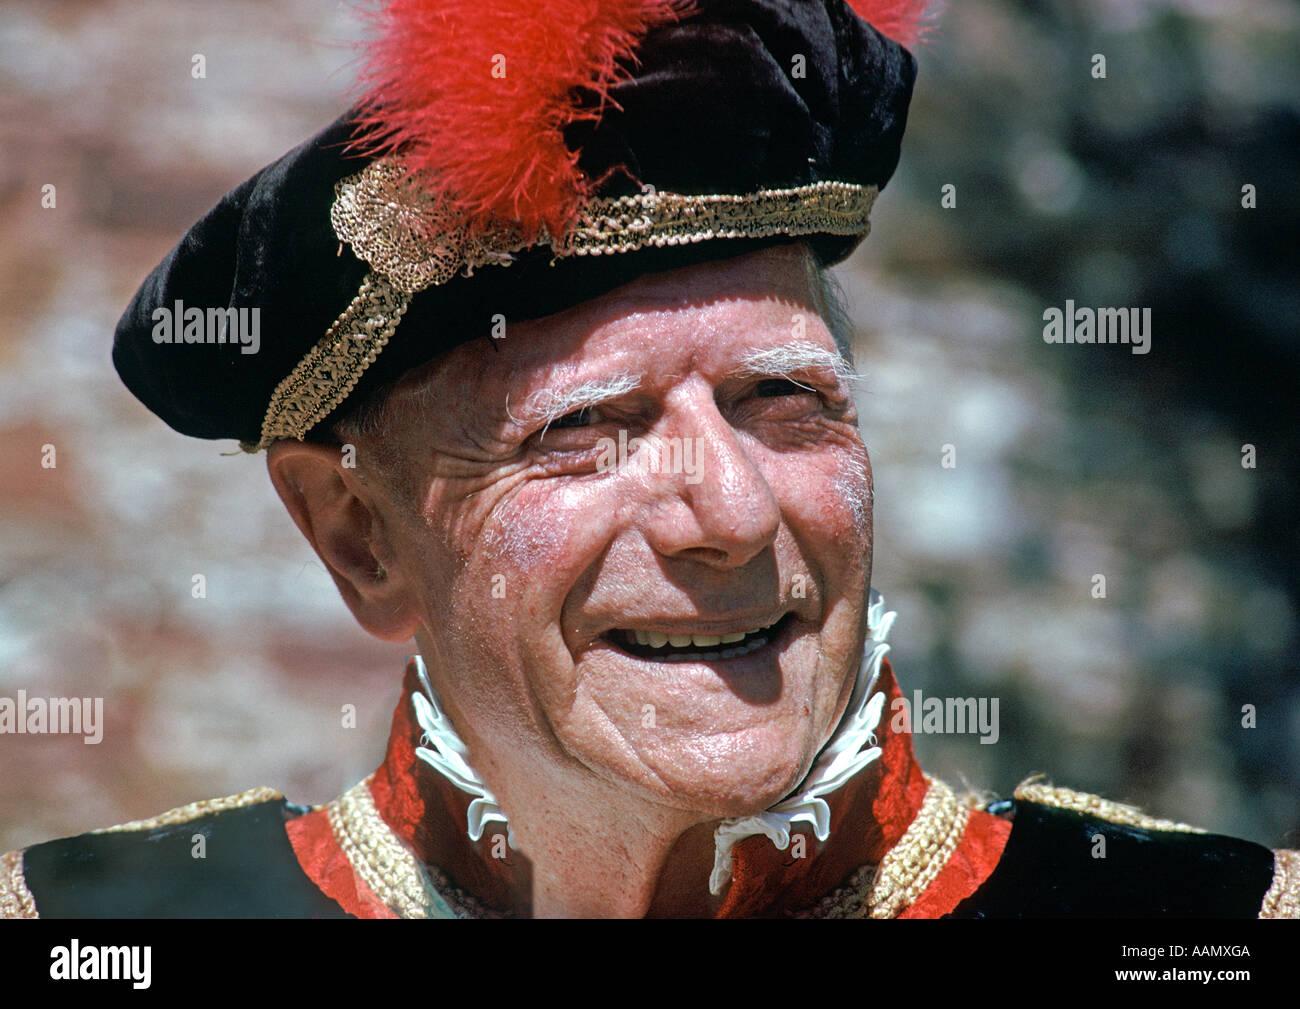 d16635a298389 Elizabethan Man Stock Photos   Elizabethan Man Stock Images - Alamy